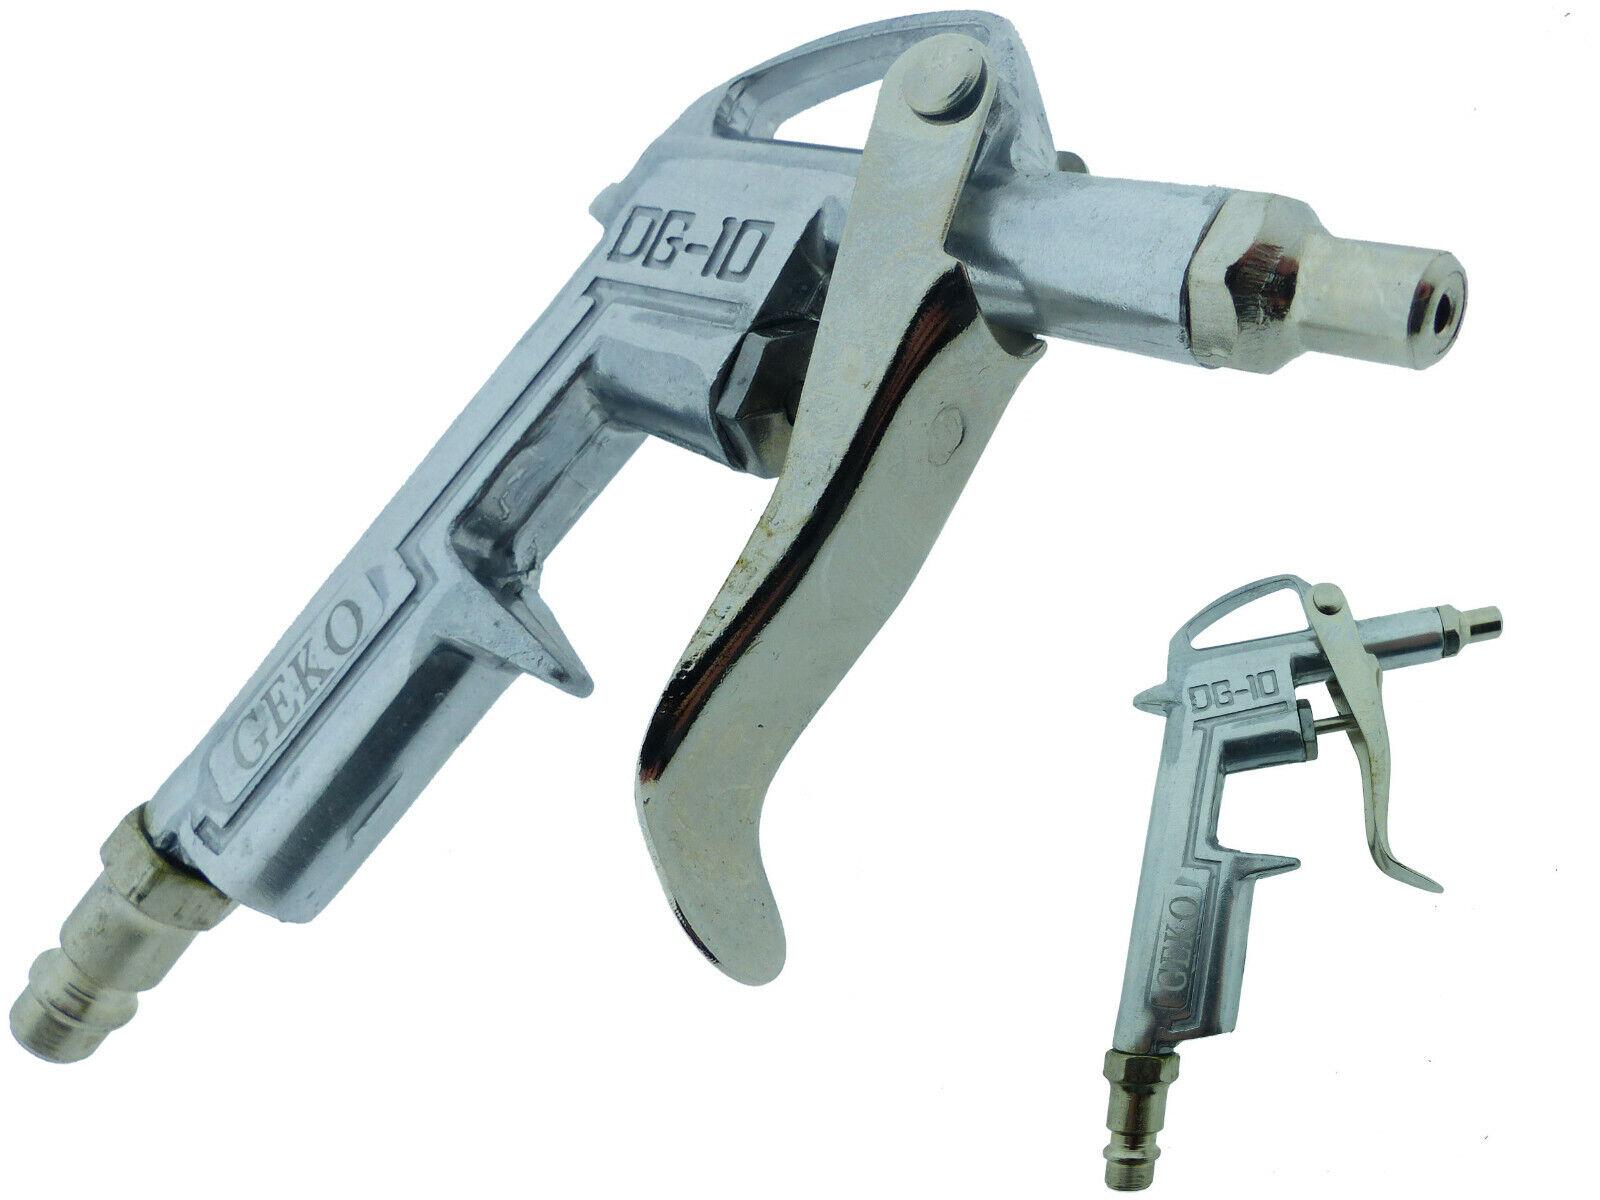 Druckluft Ausblaspistole Reinigungspistole Kompressor Druckluftpistole Pistole